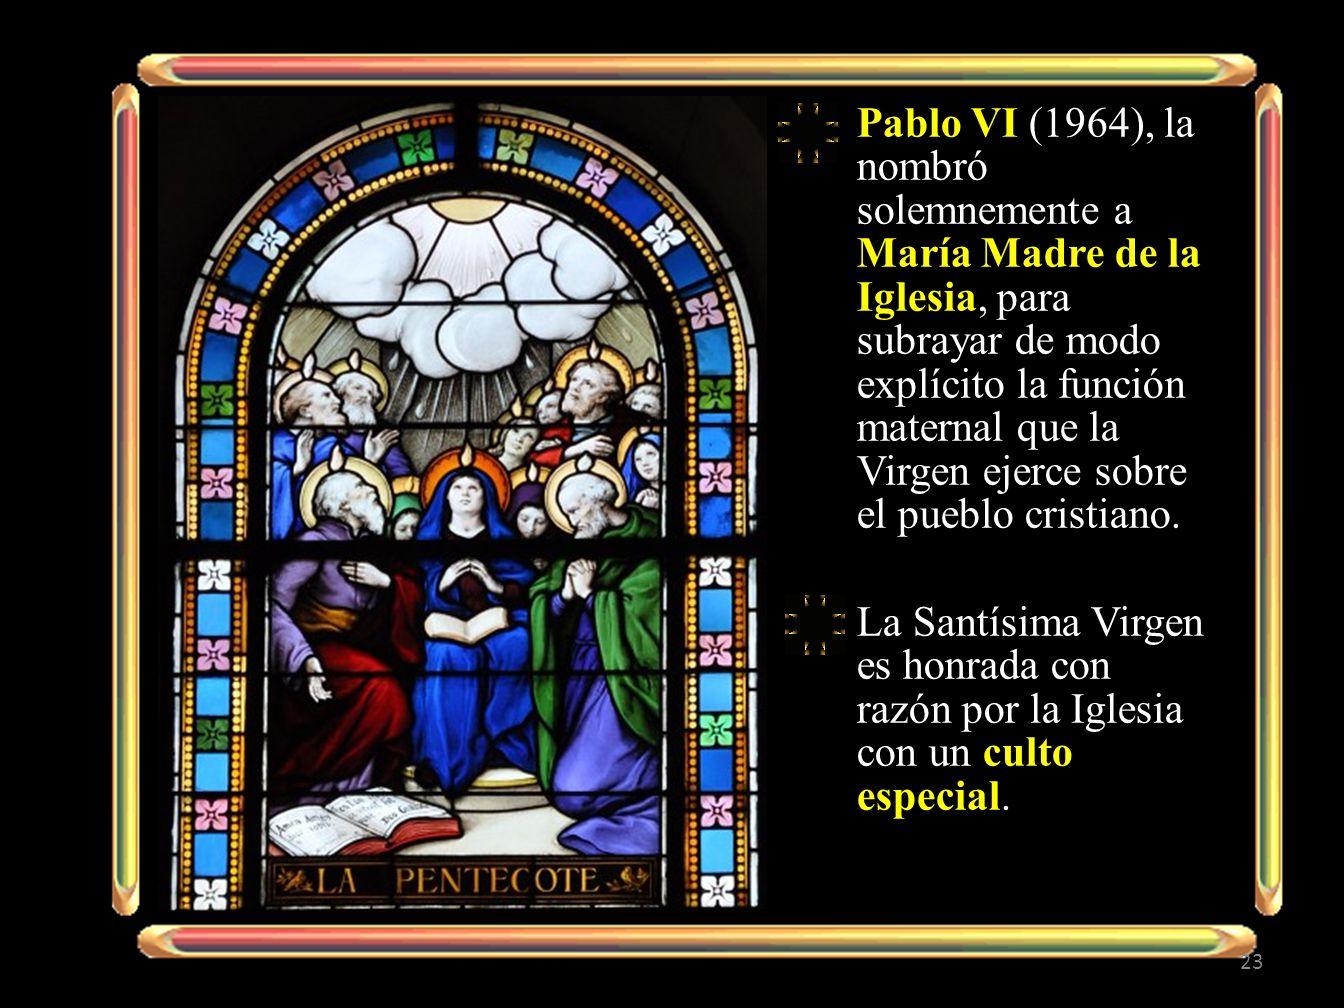 Pablo VI (1964), la nombró solemnemente a María Madre de la Iglesia, para subrayar de modo explícito la función maternal que la Virgen ejerce sobre el pueblo cristiano.